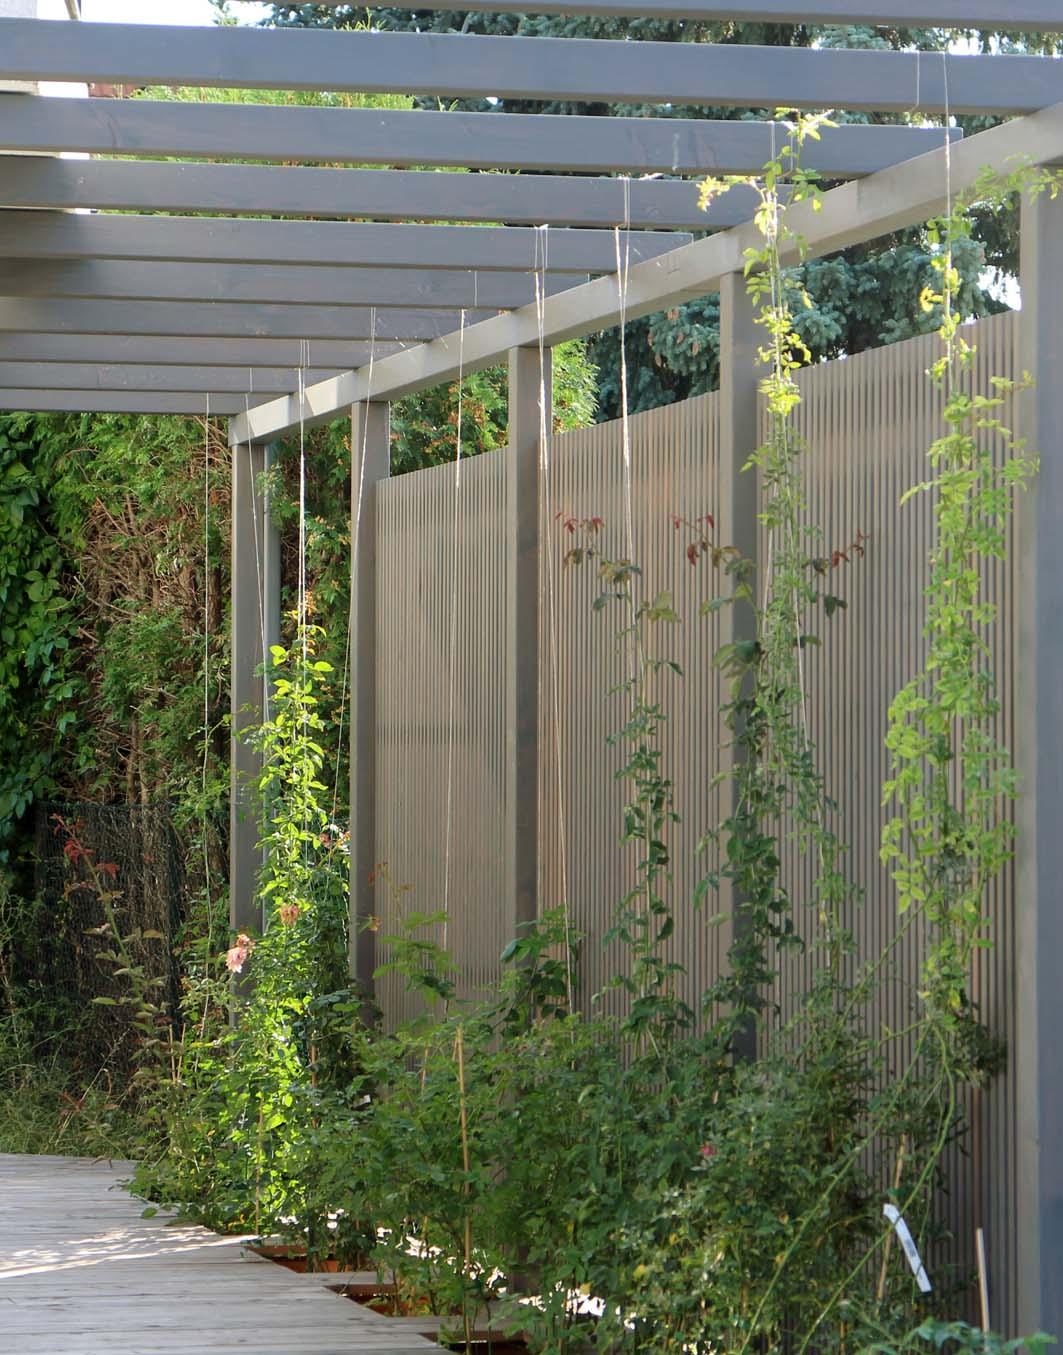 Full Size of Garten Trennwände Sichtschutz Moderne Holz Lamellen Nach Ma Von Walli Kräutergarten Küche Pavillon Wassertank Kletterturm Schallschutz Led Spot Trennwand Wohnzimmer Garten Trennwände